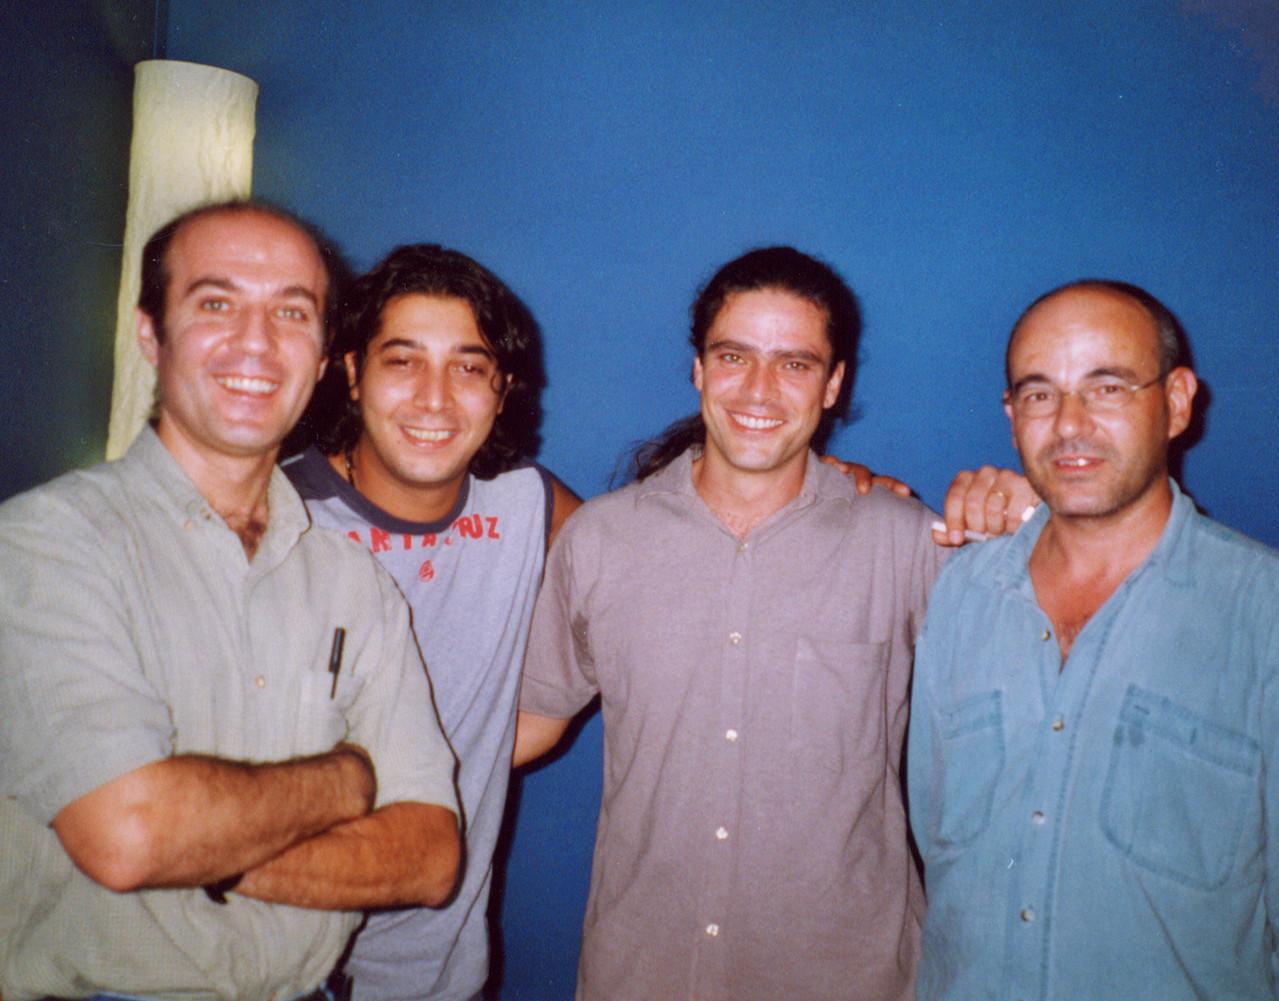 Julio Albertos (flauta), Bandolero (cajón), Julio García e Isidro Solera (guitarras)